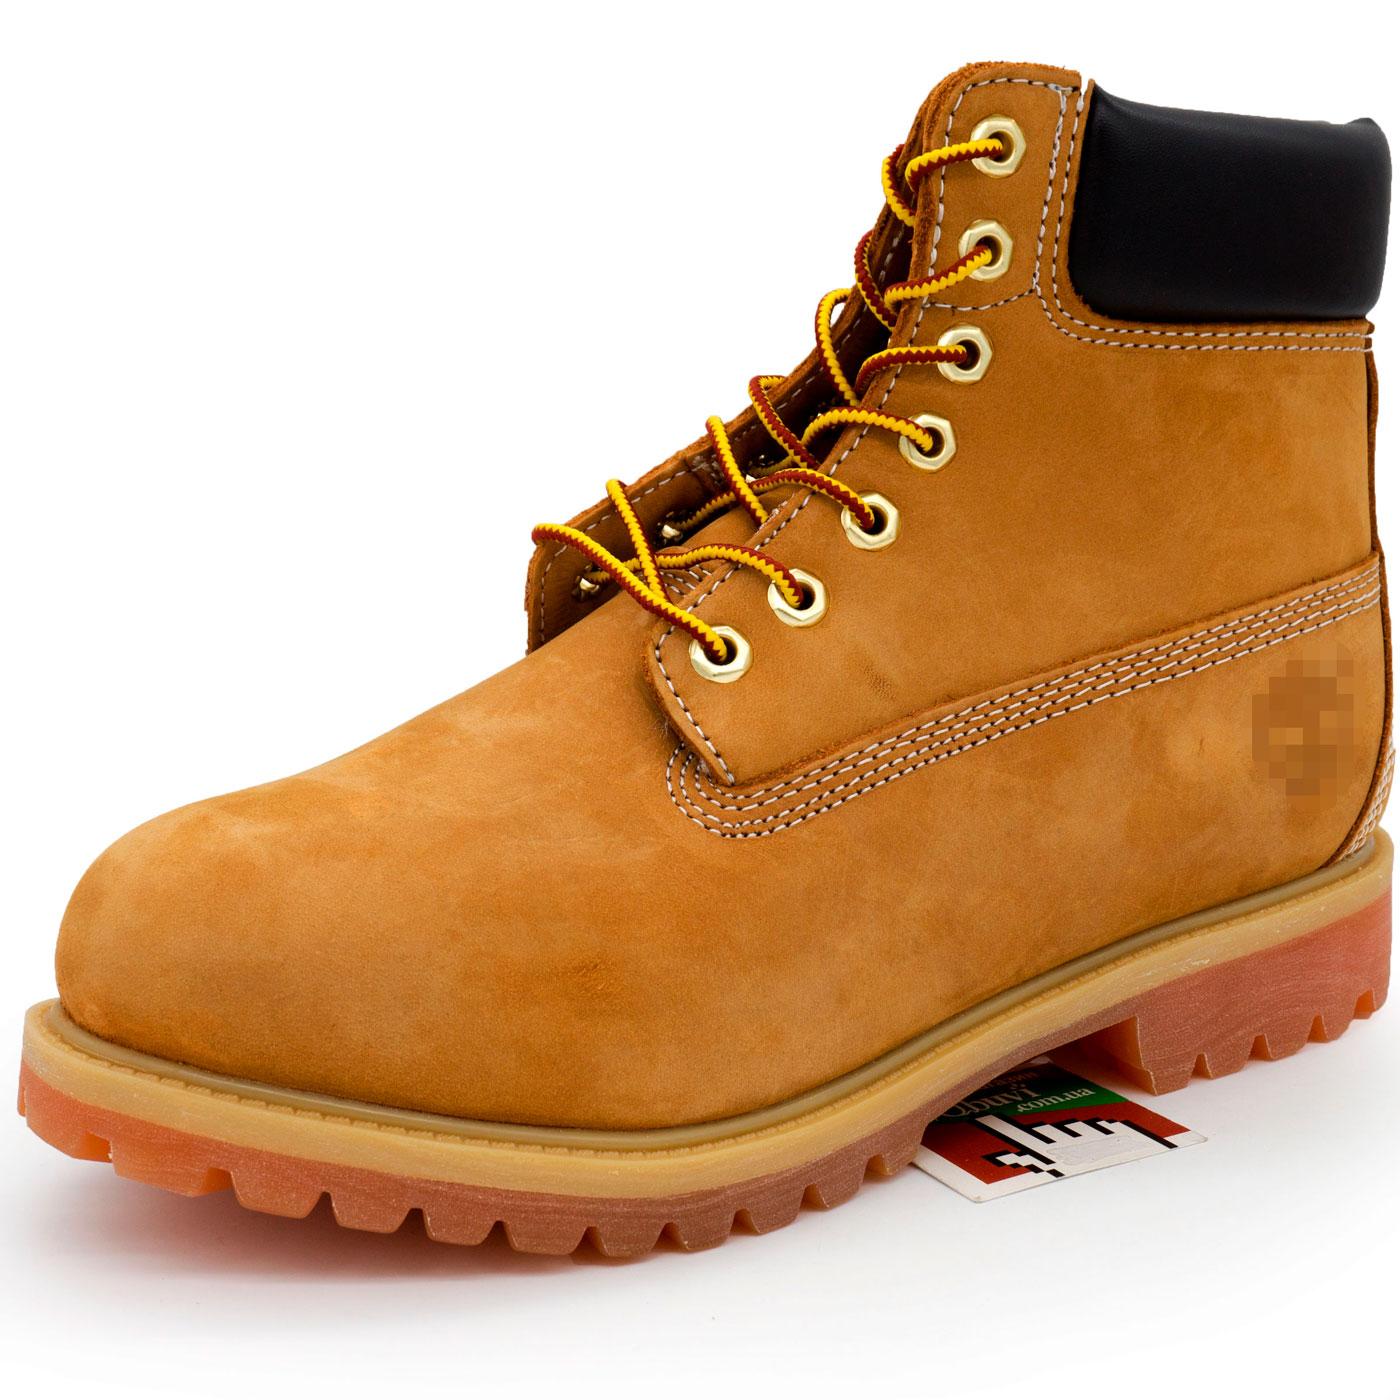 фото front Зимние ботинки Тимберленд 10061 c мехом - Реплика Топ качество! front